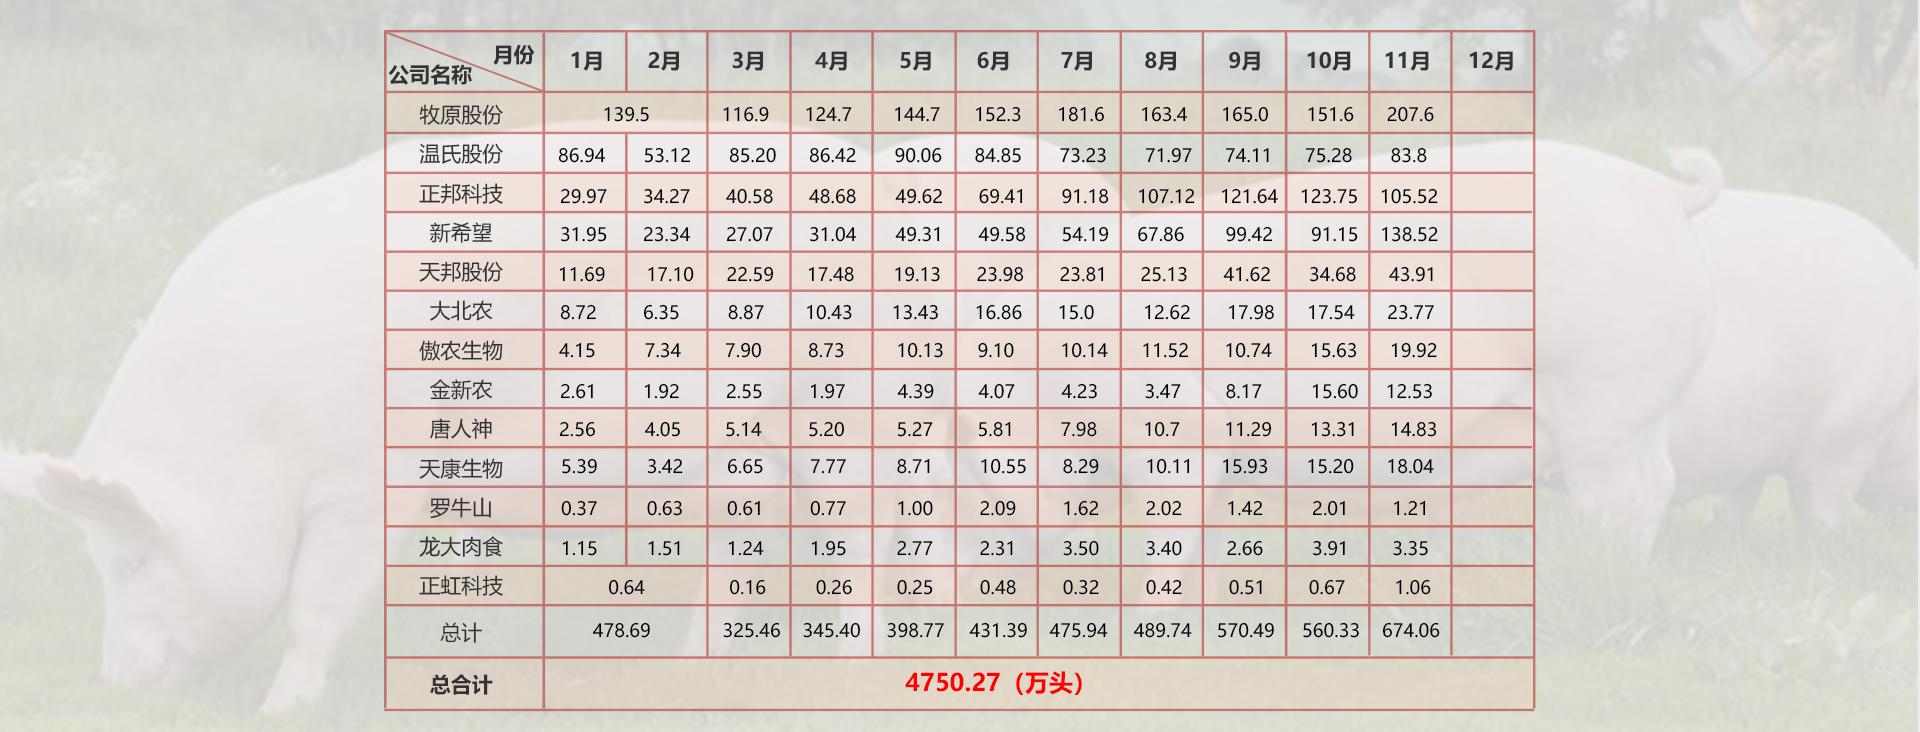 中国猪业月度数据简报——上市猪企生猪销售量(单位:万头)